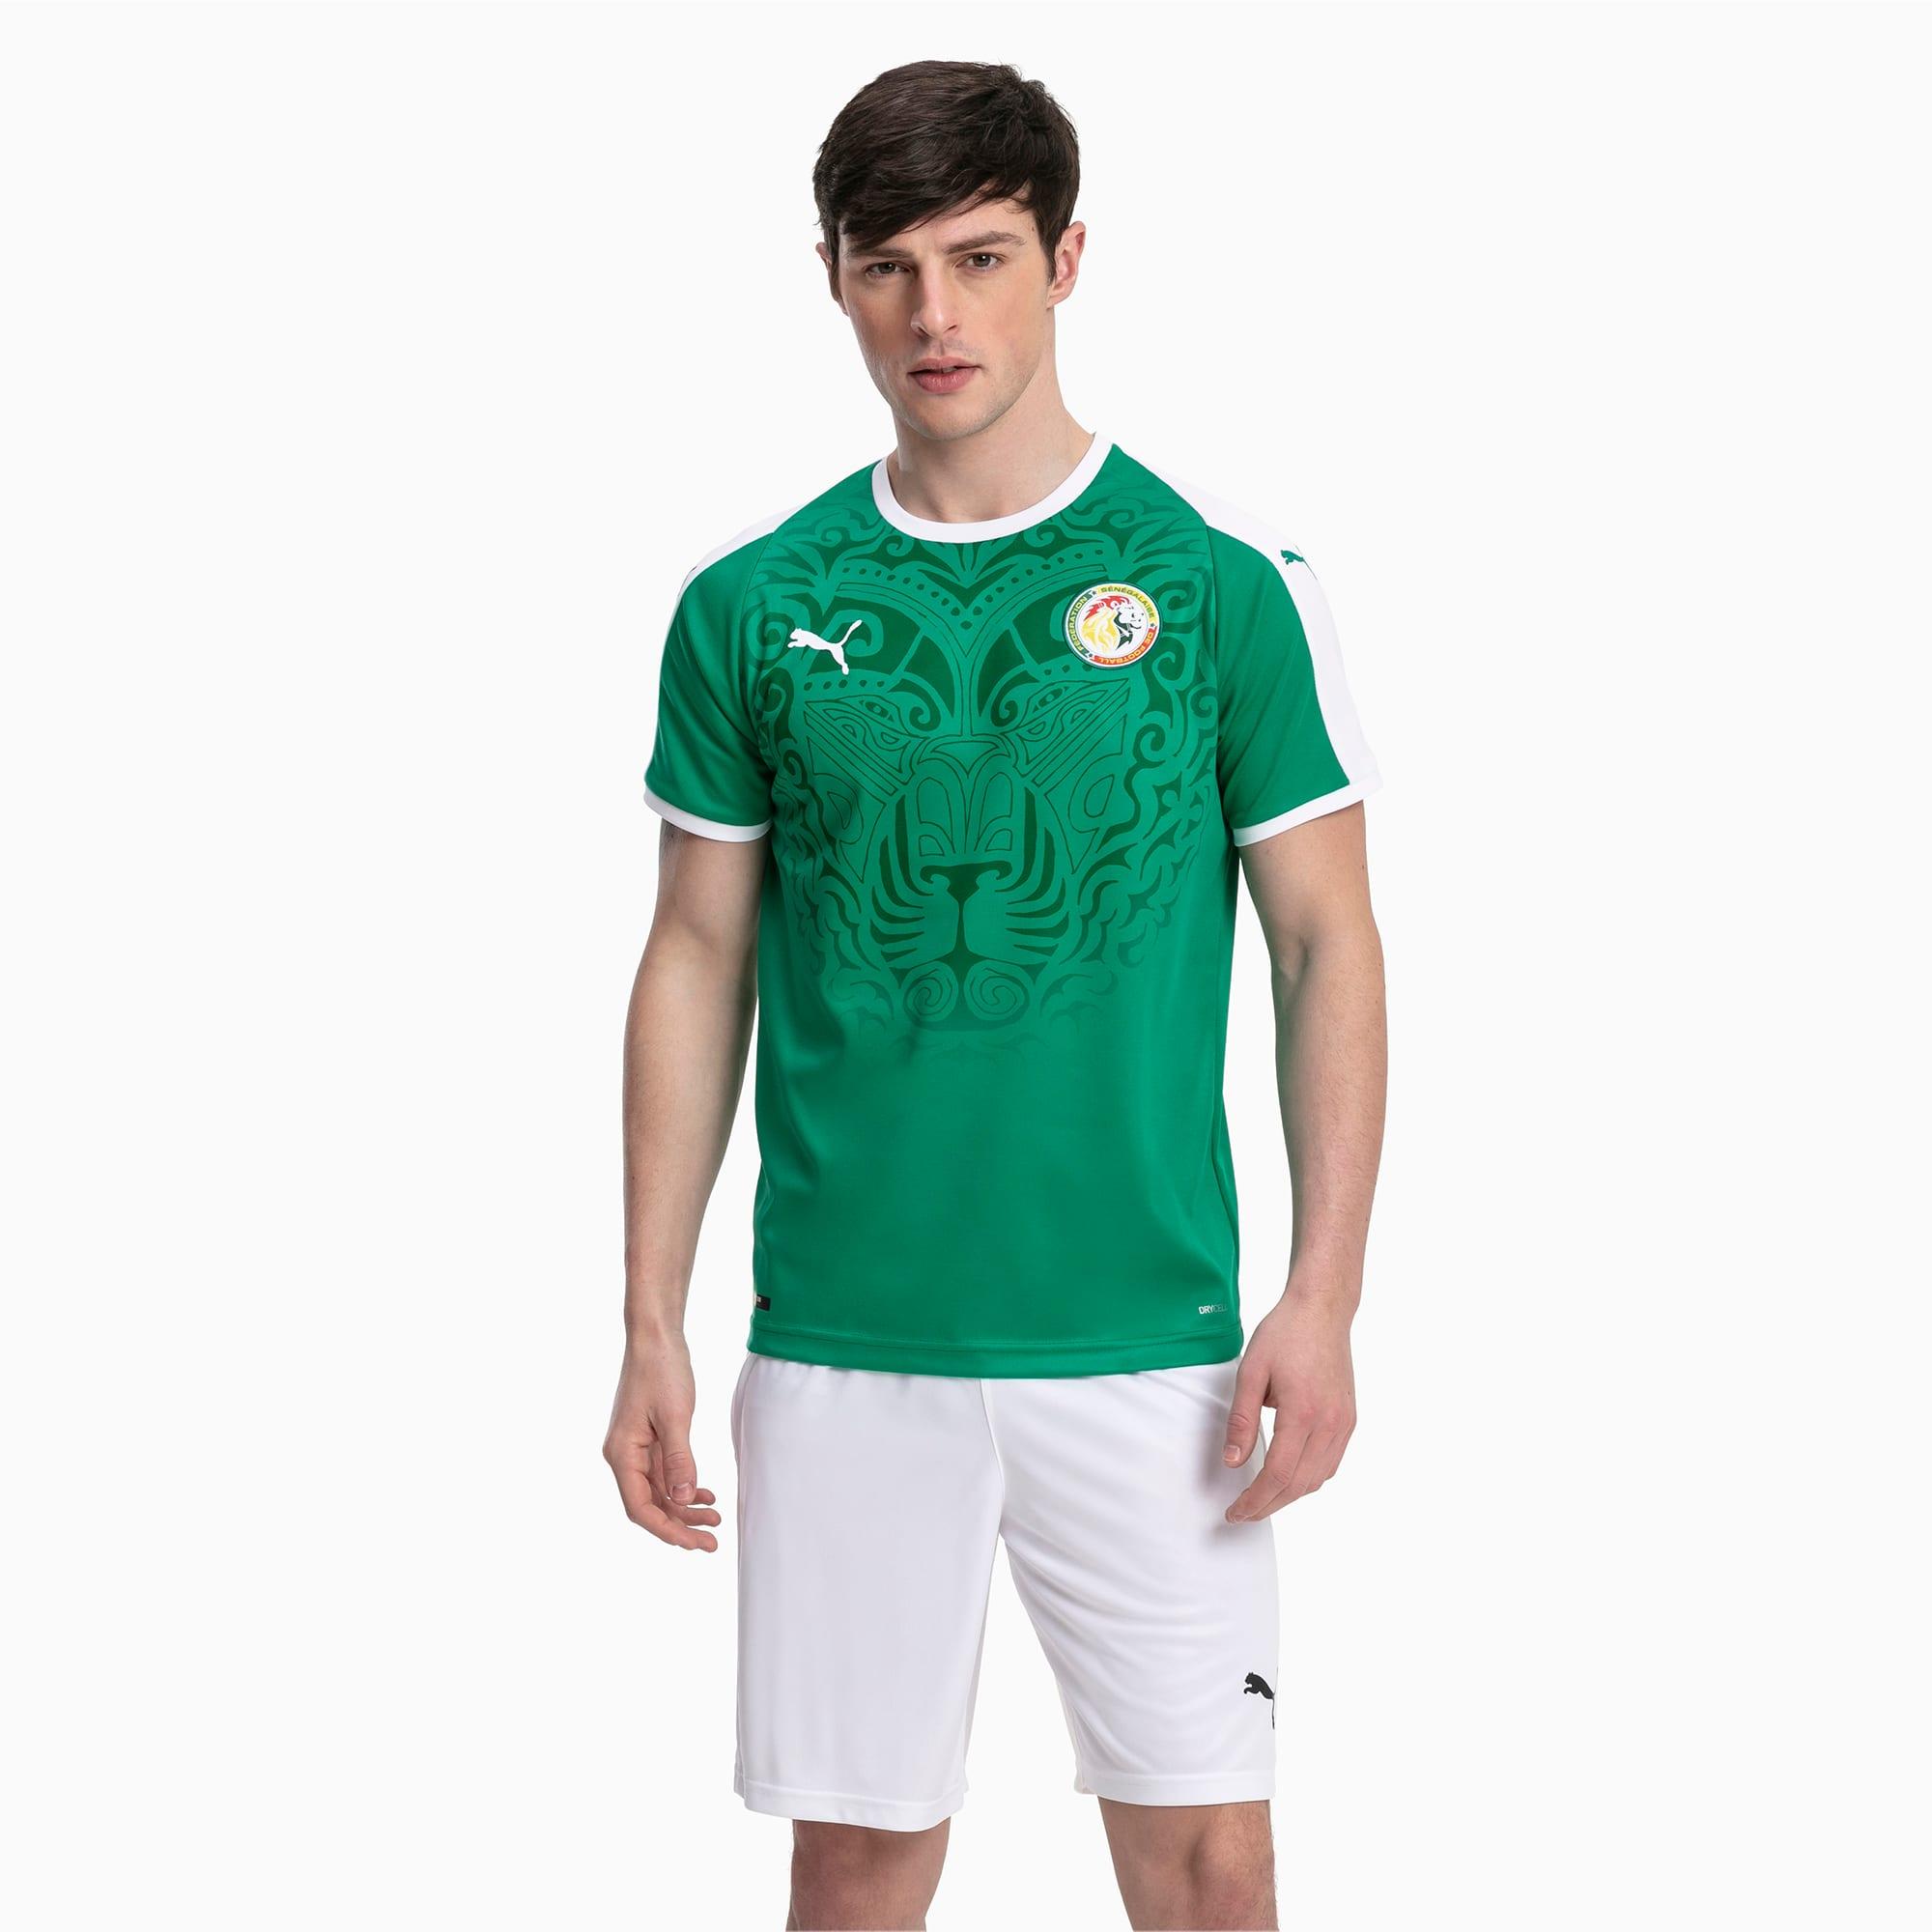 maillot extérieur senegal replica pour homme, vert/blanc, taille xl, vêtements